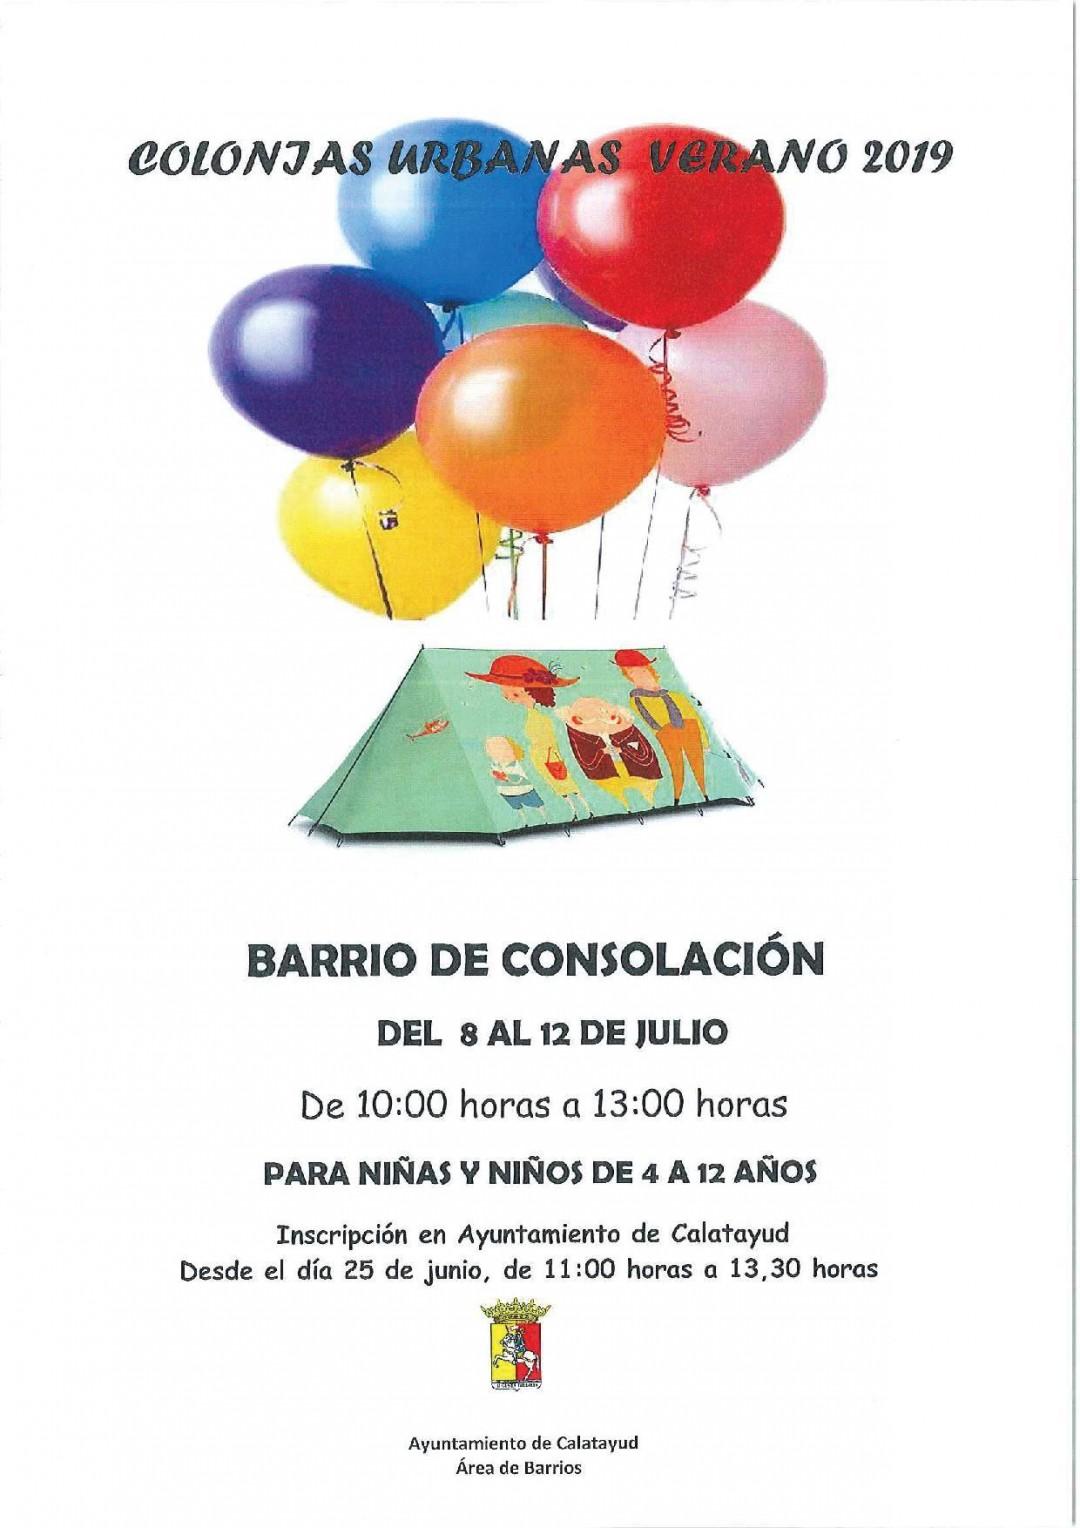 BARRIO CONSOLACION